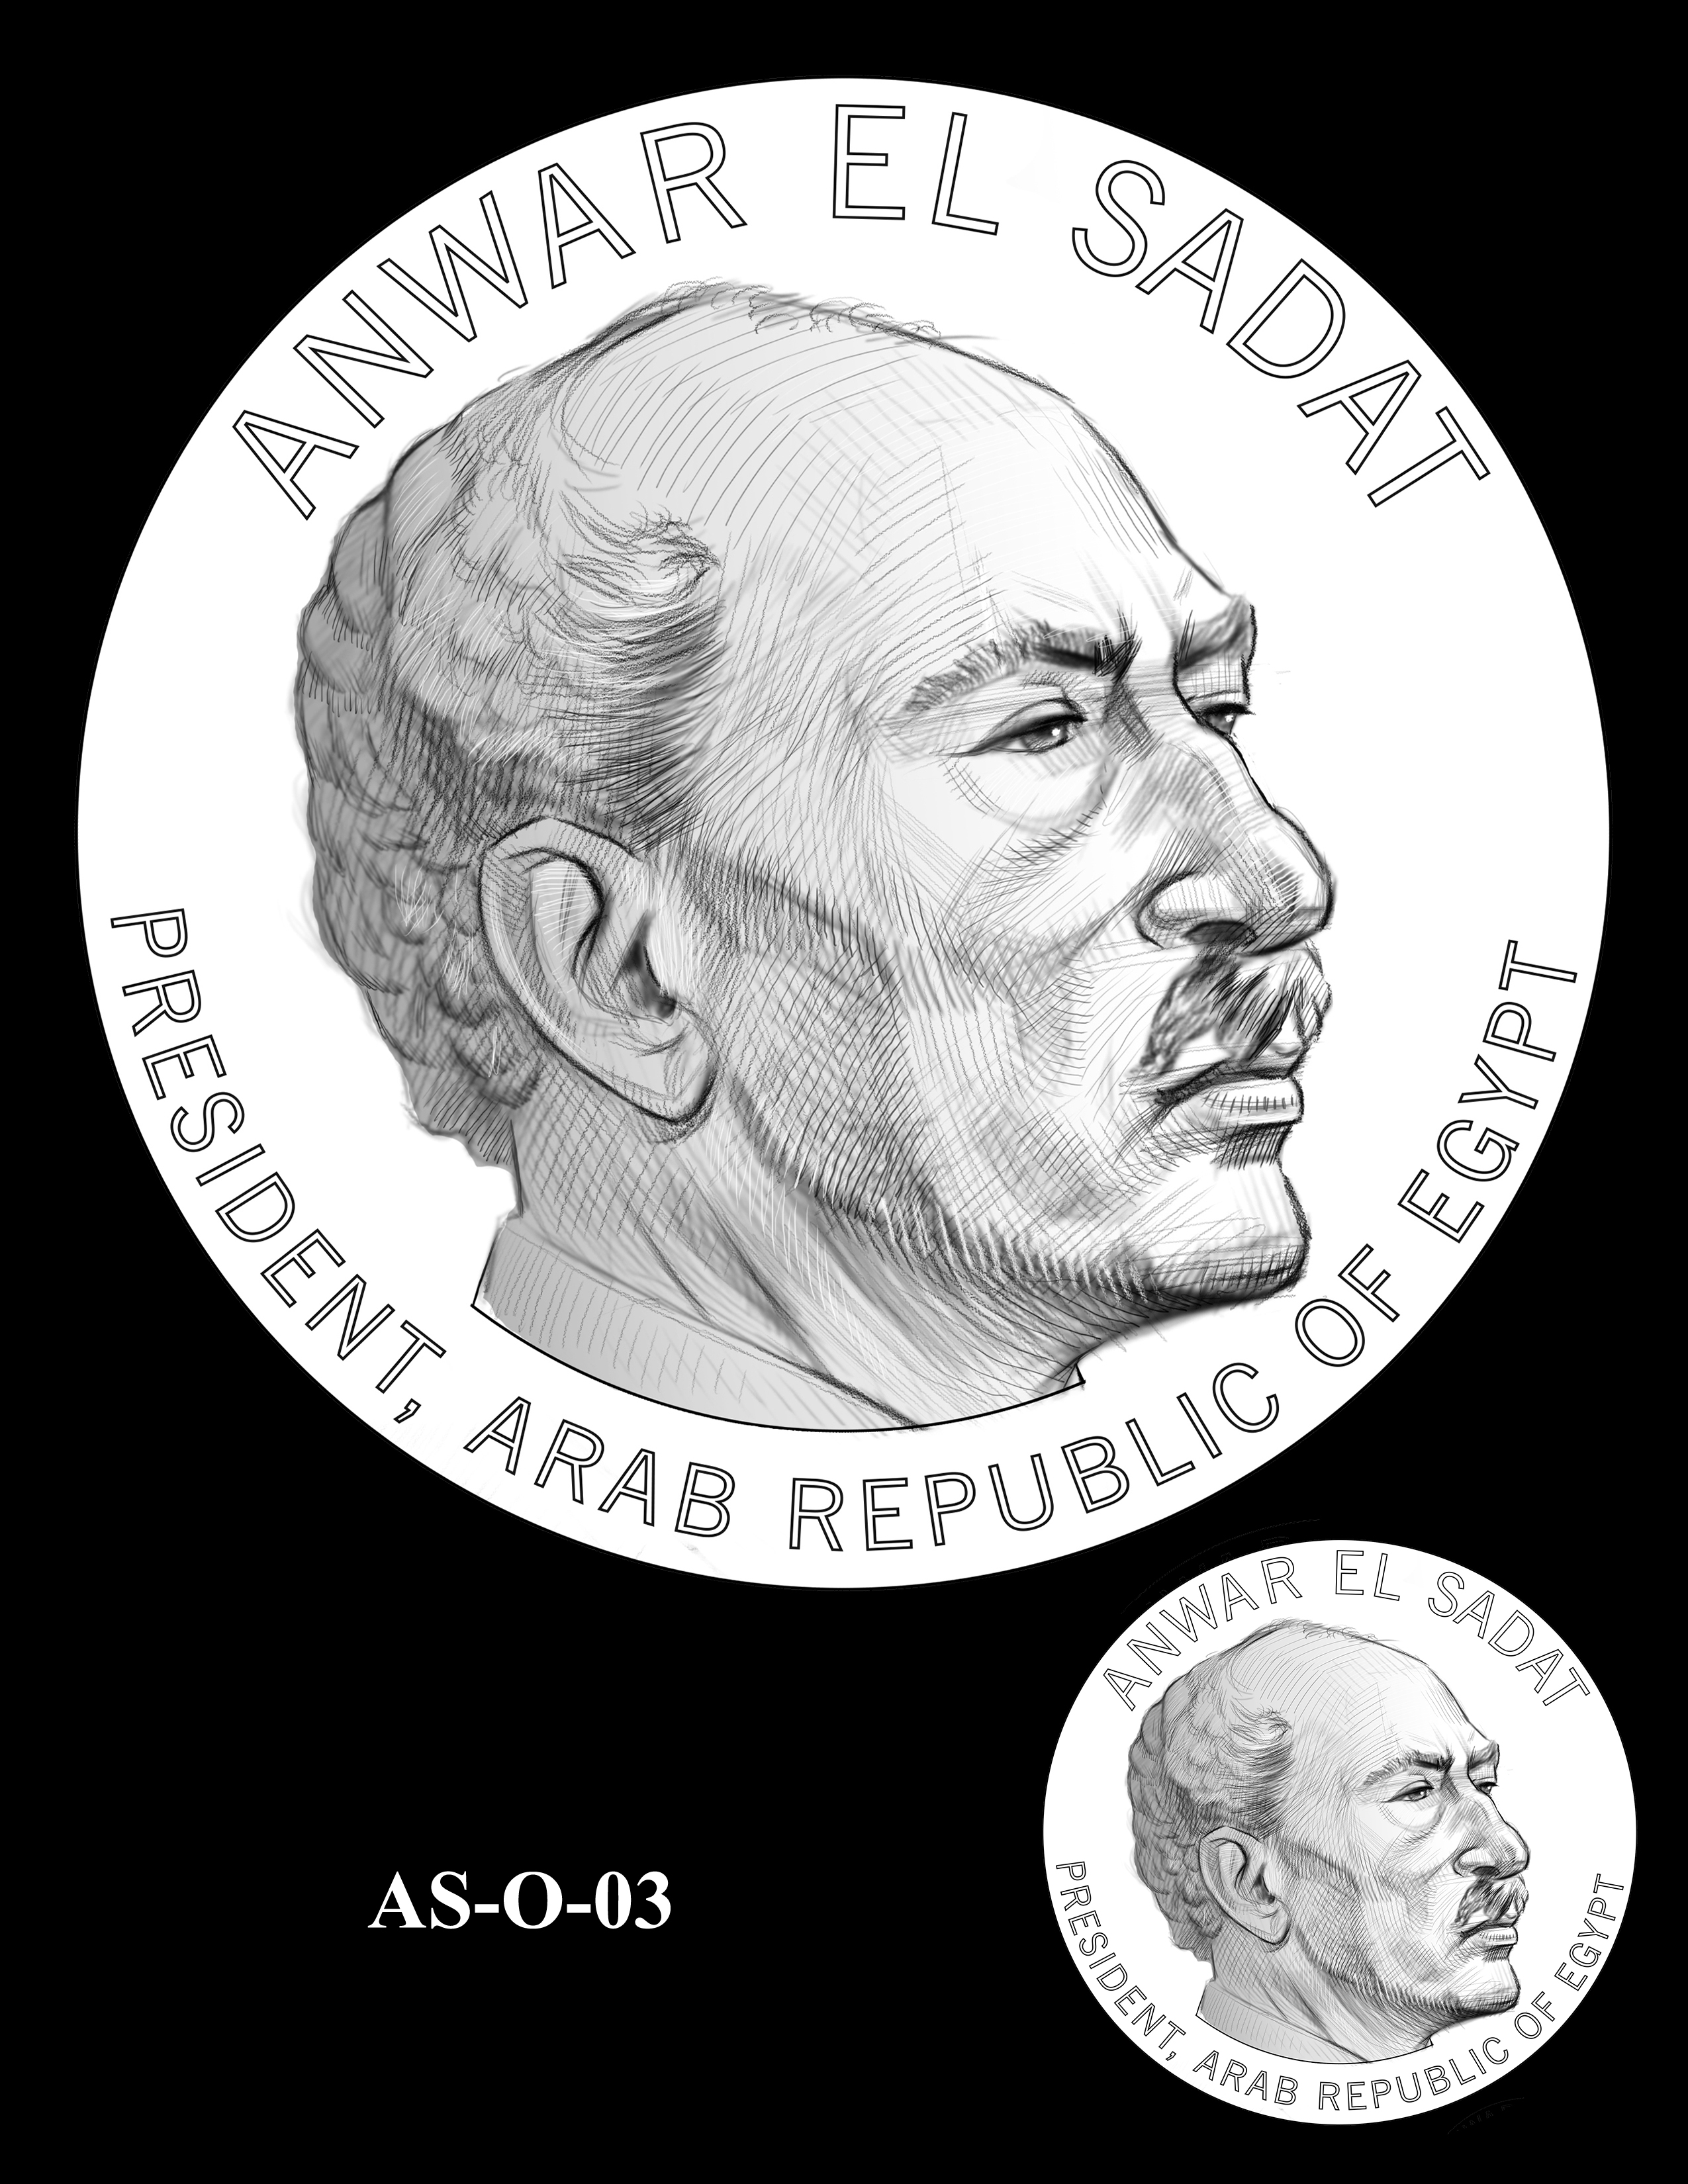 AS-O-03 -- Anwar El Sadat CGM Obverse